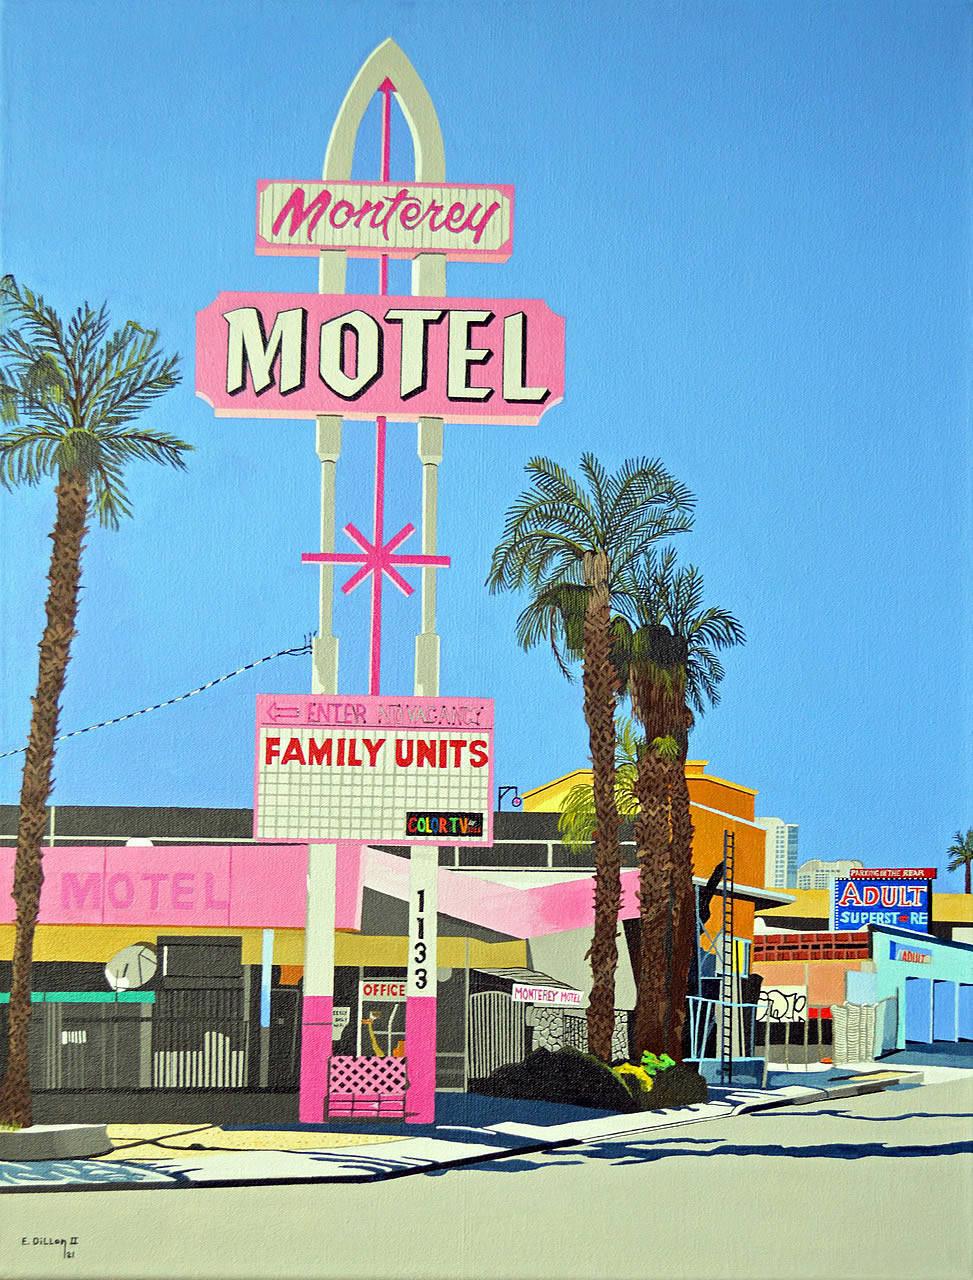 Monterey Motel, Las Vegas